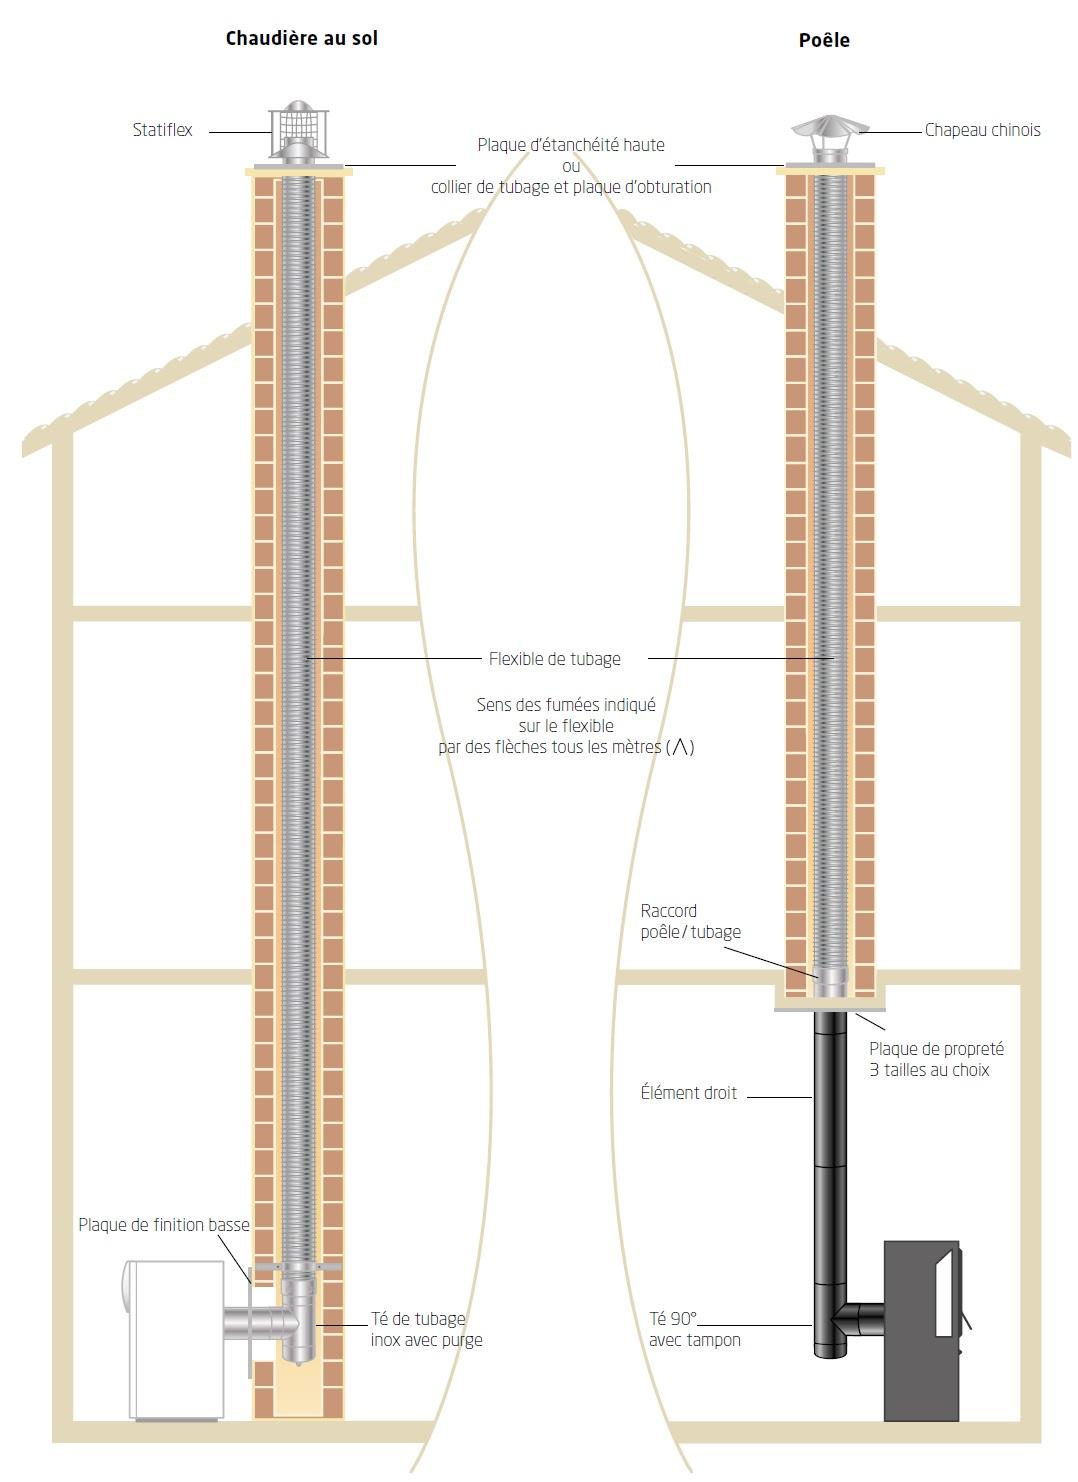 installation type conduit pour appareil ind pendant au bois. Black Bedroom Furniture Sets. Home Design Ideas